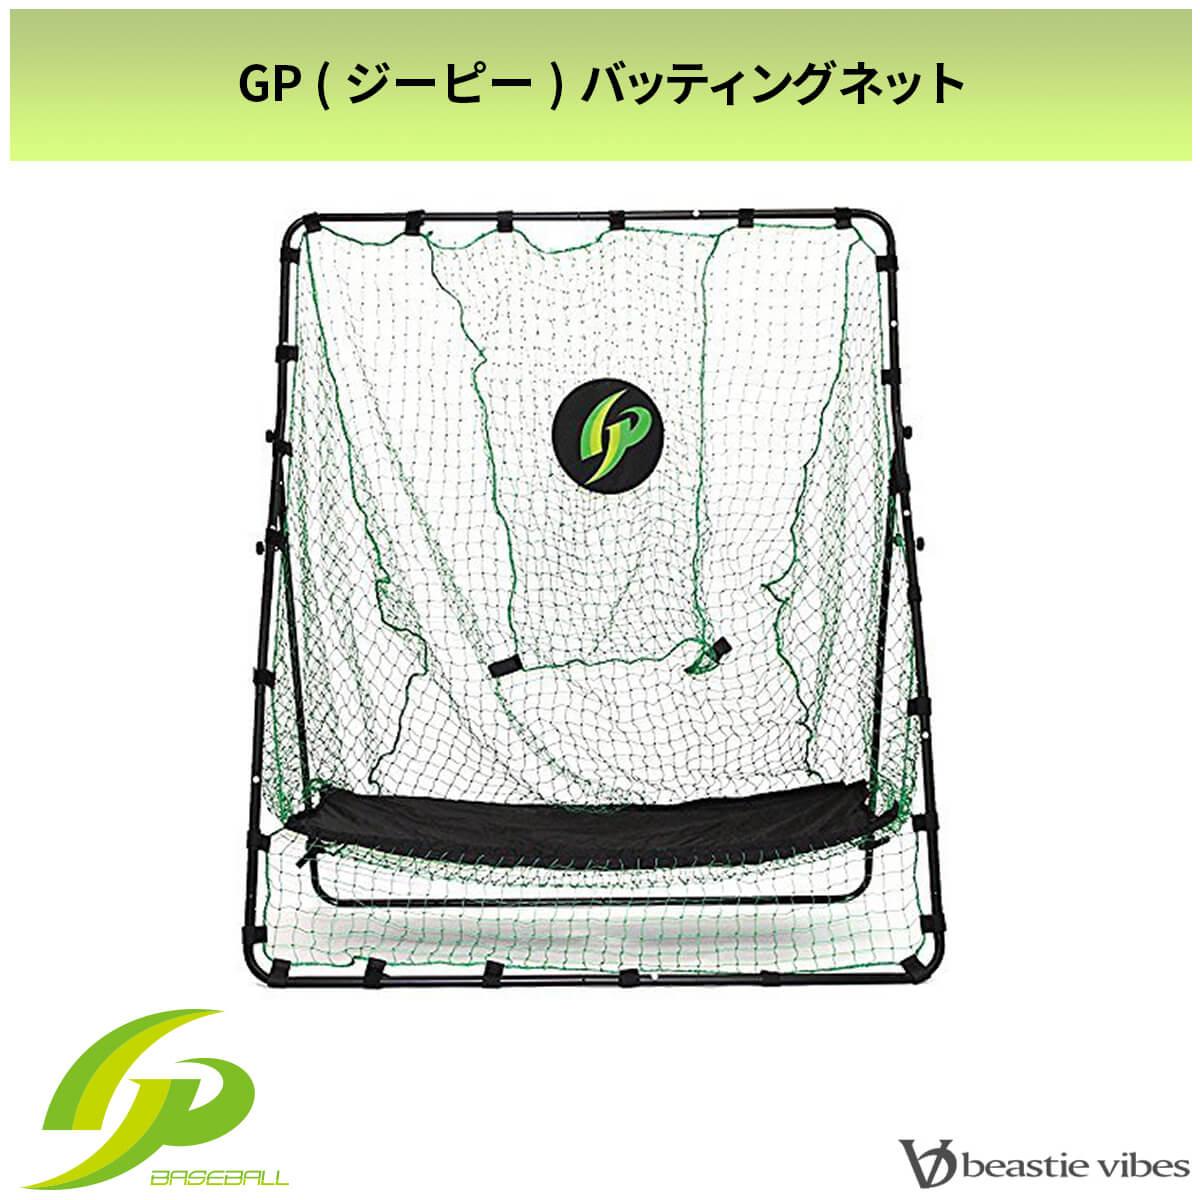 野球 ソフトボール バッティングネット ターゲット付き 練習 軟式 200cm×160cm 防球ネット GP ジーピー 34153